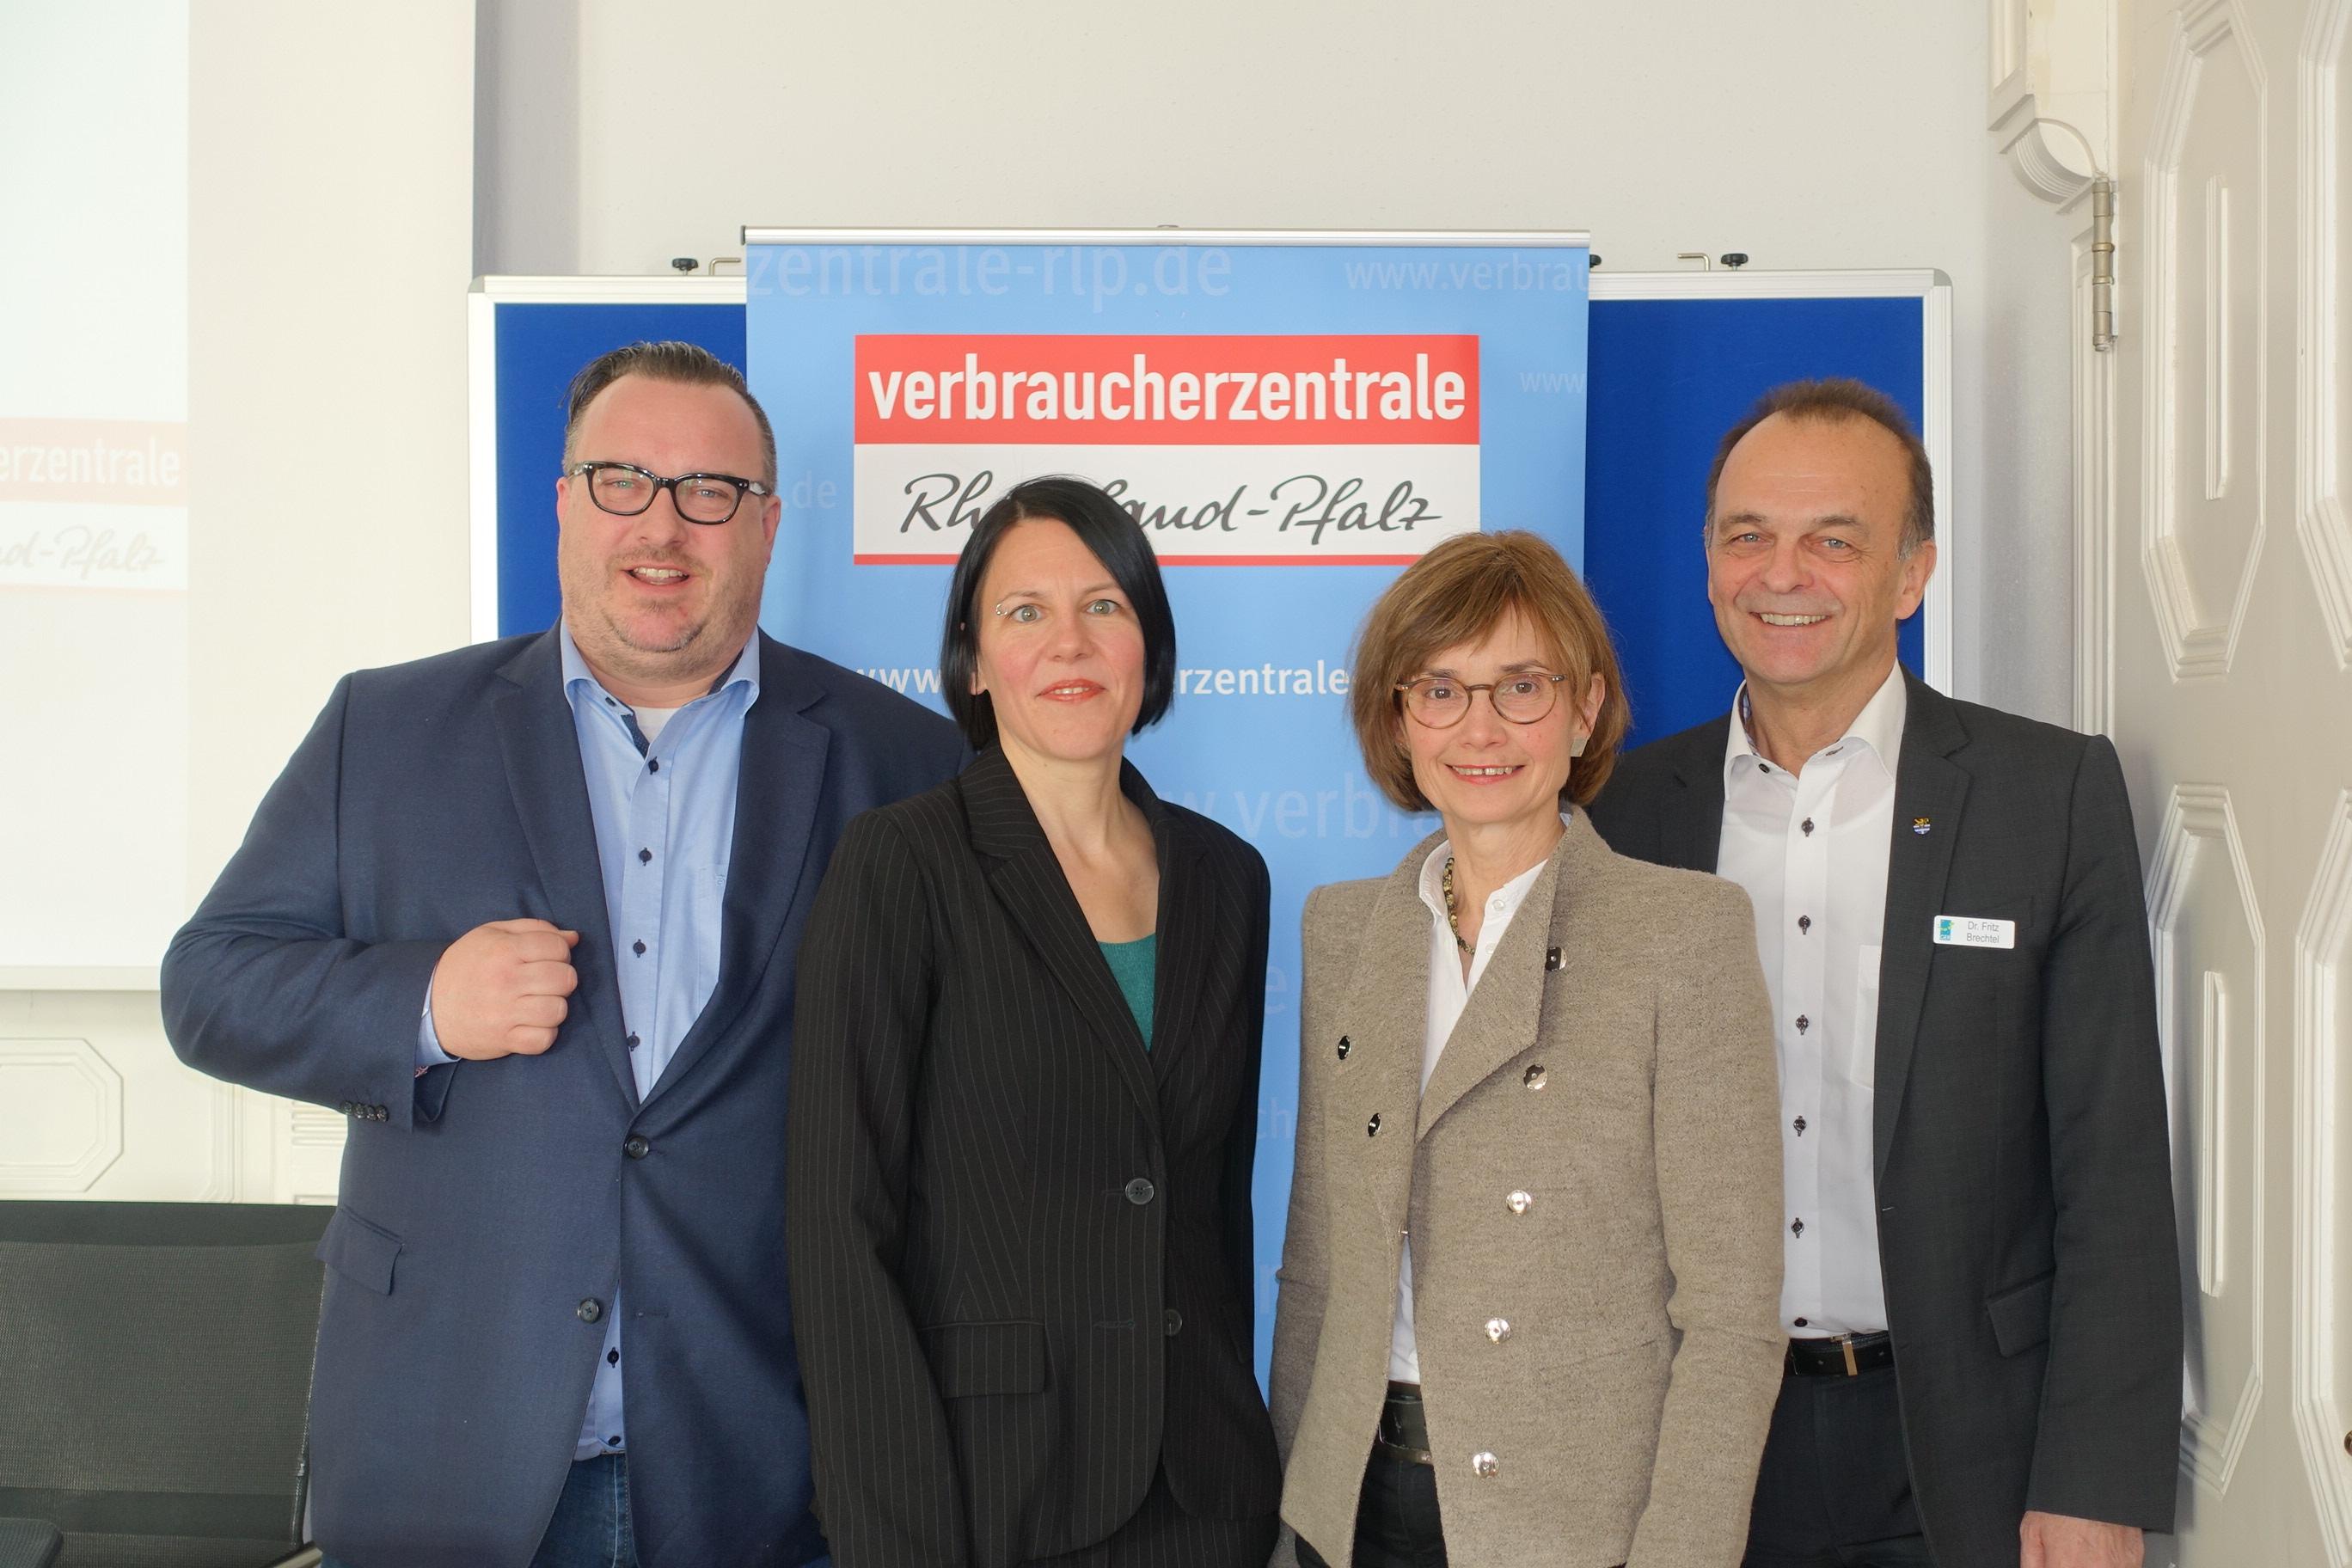 5 Jahre Verbraucherzentrale in Germersheim vli Andy Becht - Dr Julia Gerhards - Ulrike von der Lühe - Dr Fritz Brechtel